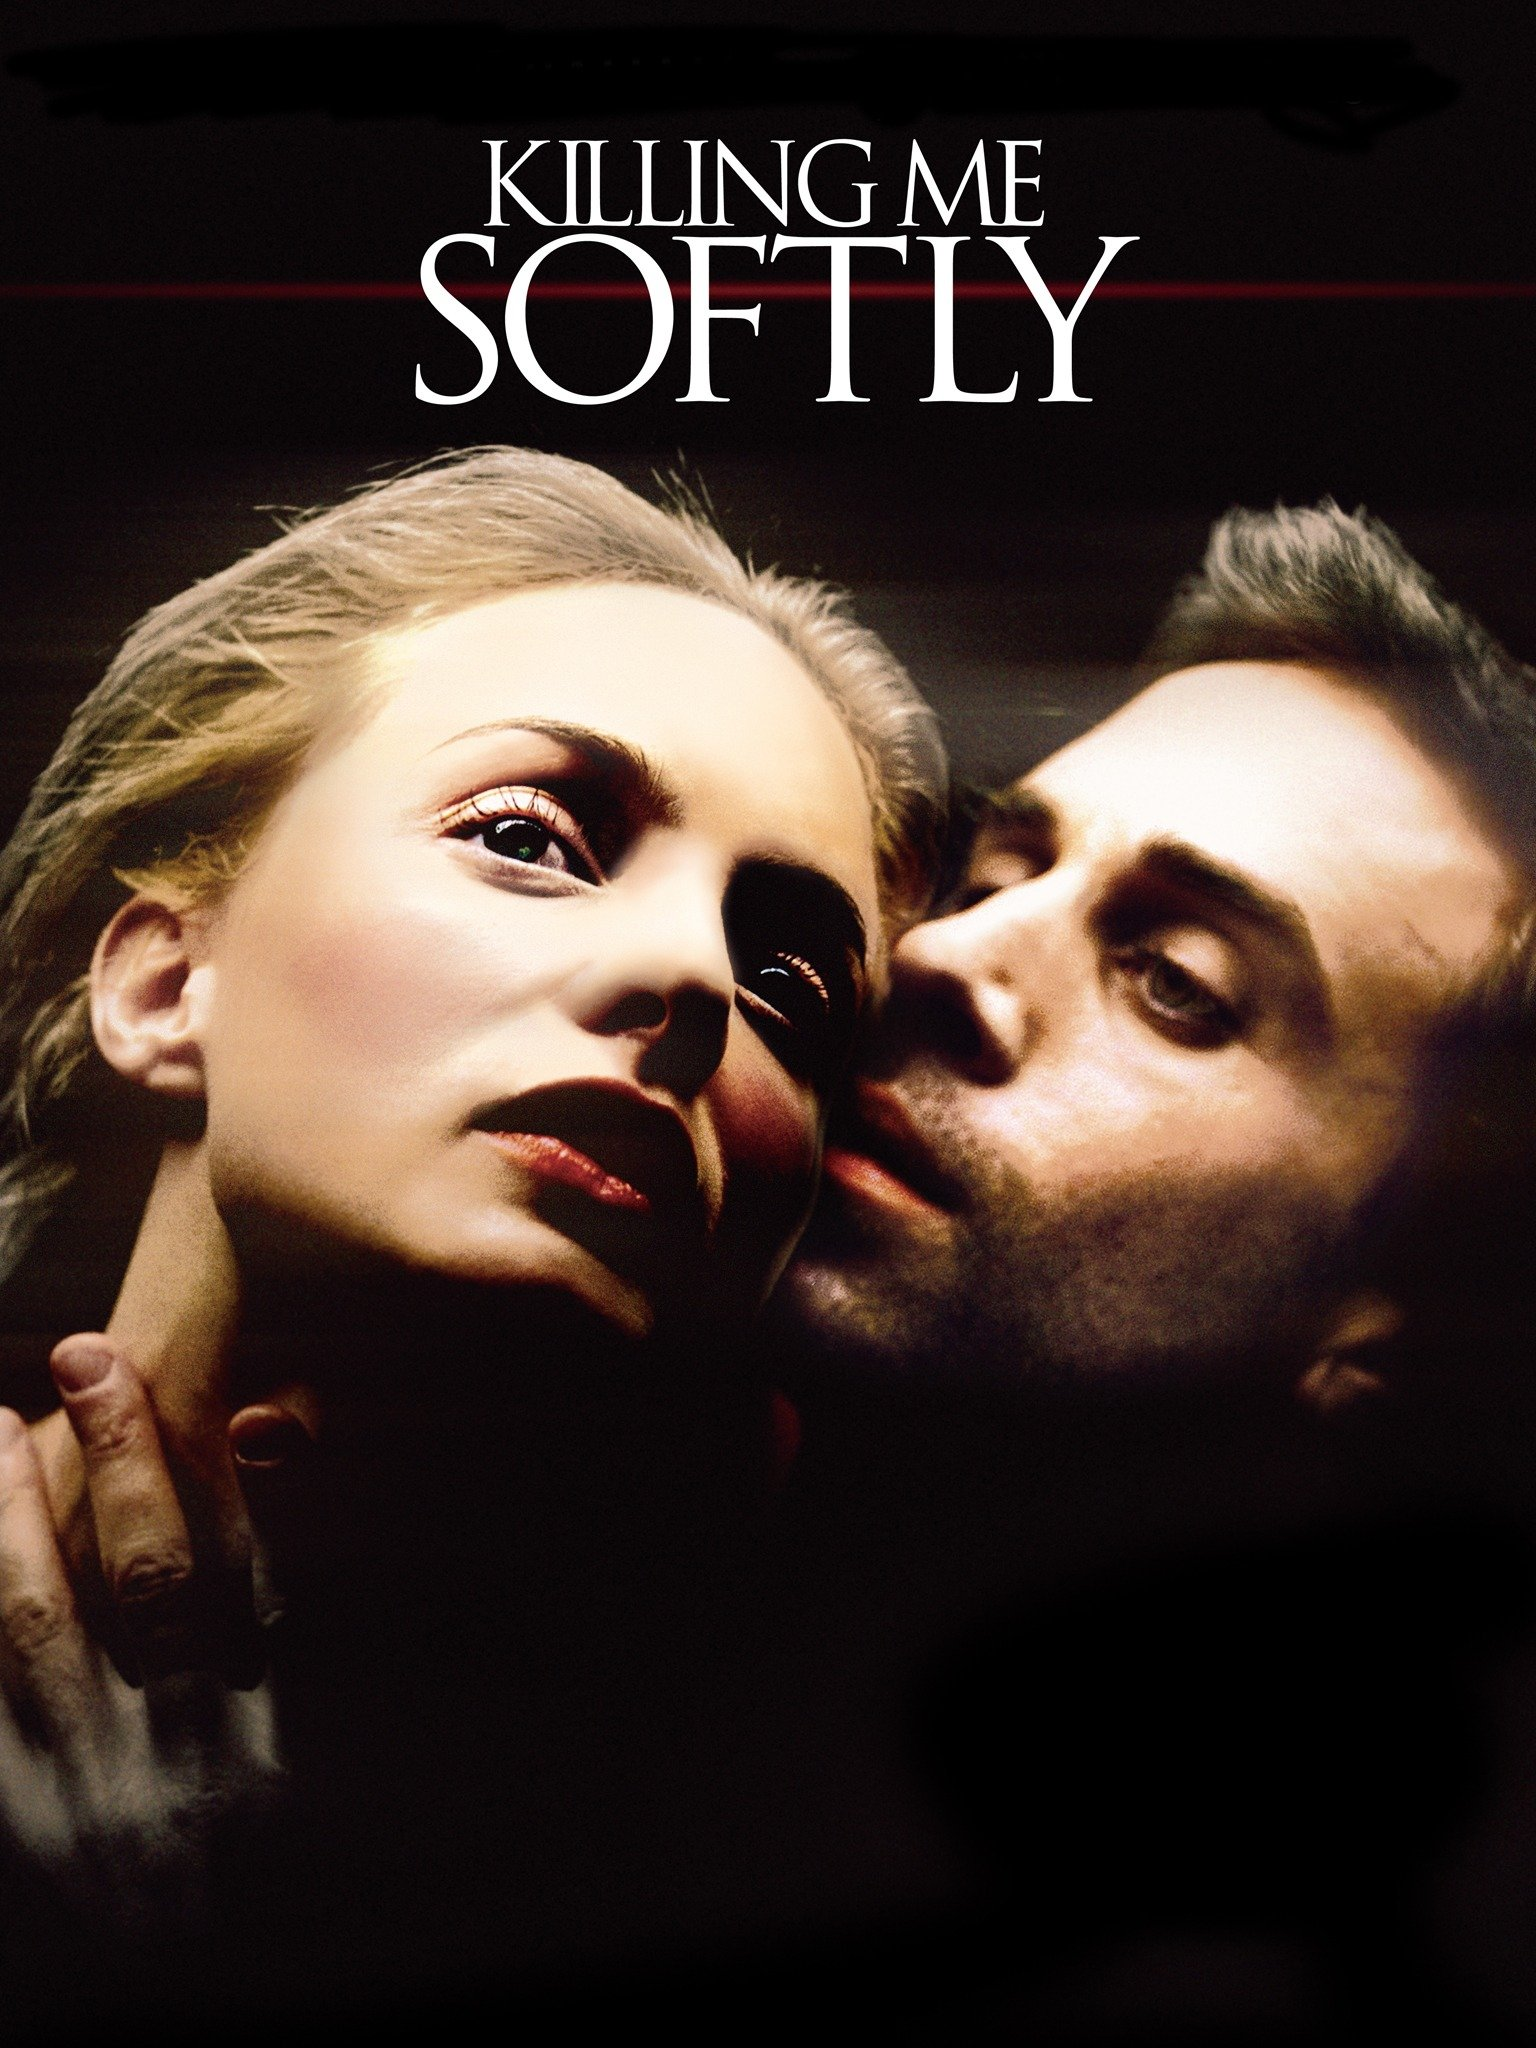 Killing Me Softly - Movie Reviews